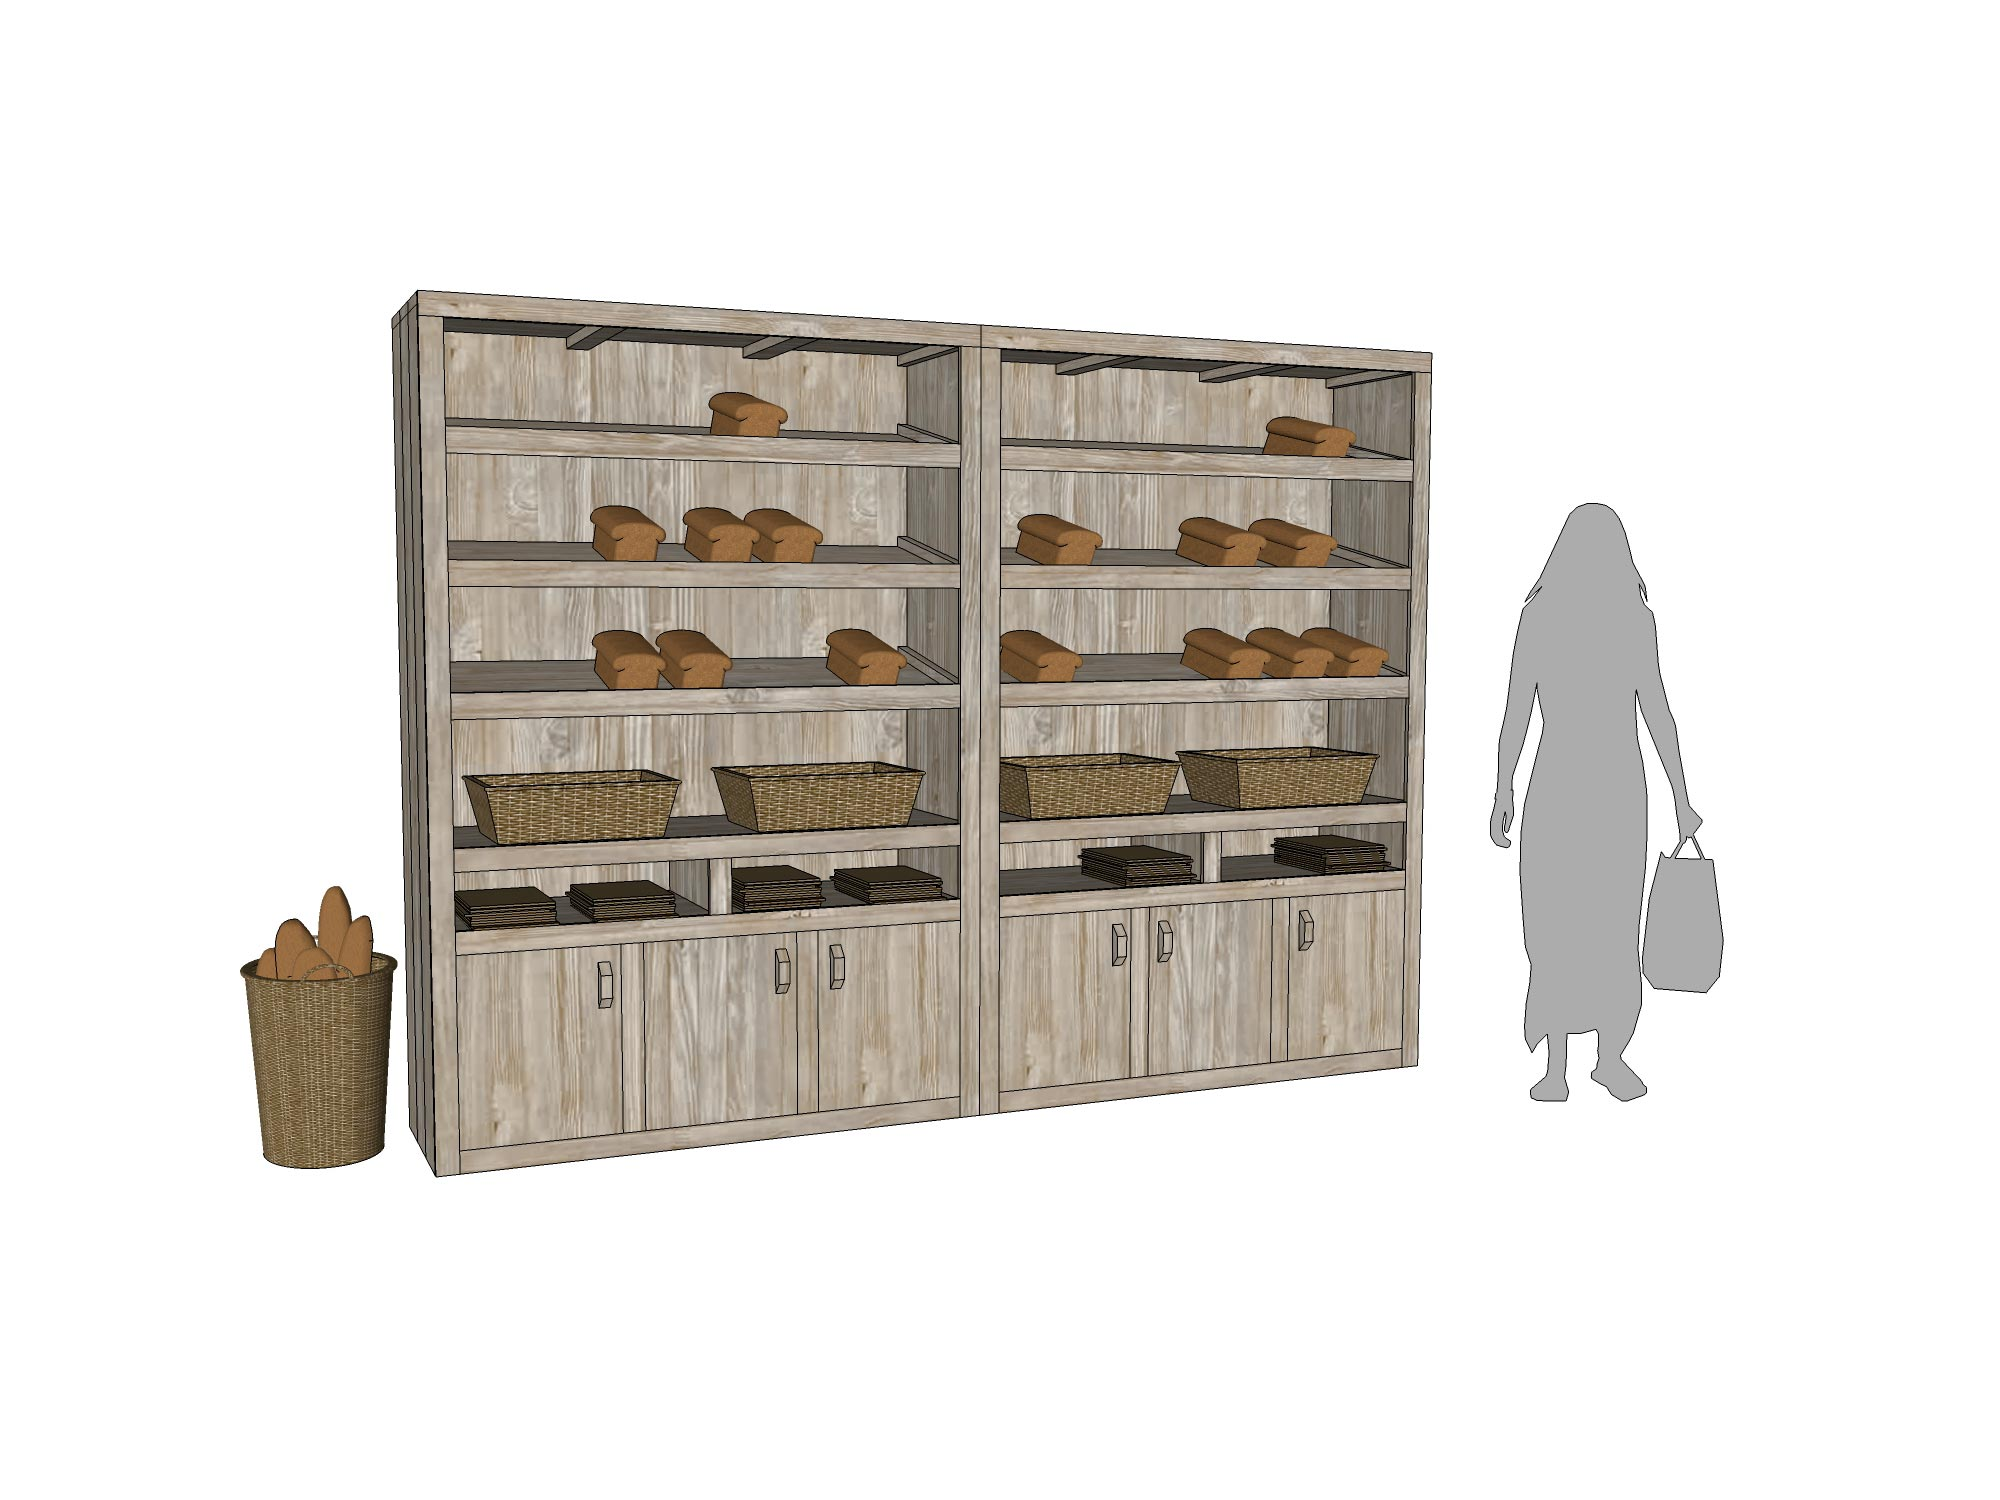 Broodkast Bakkerij winkelinrichting